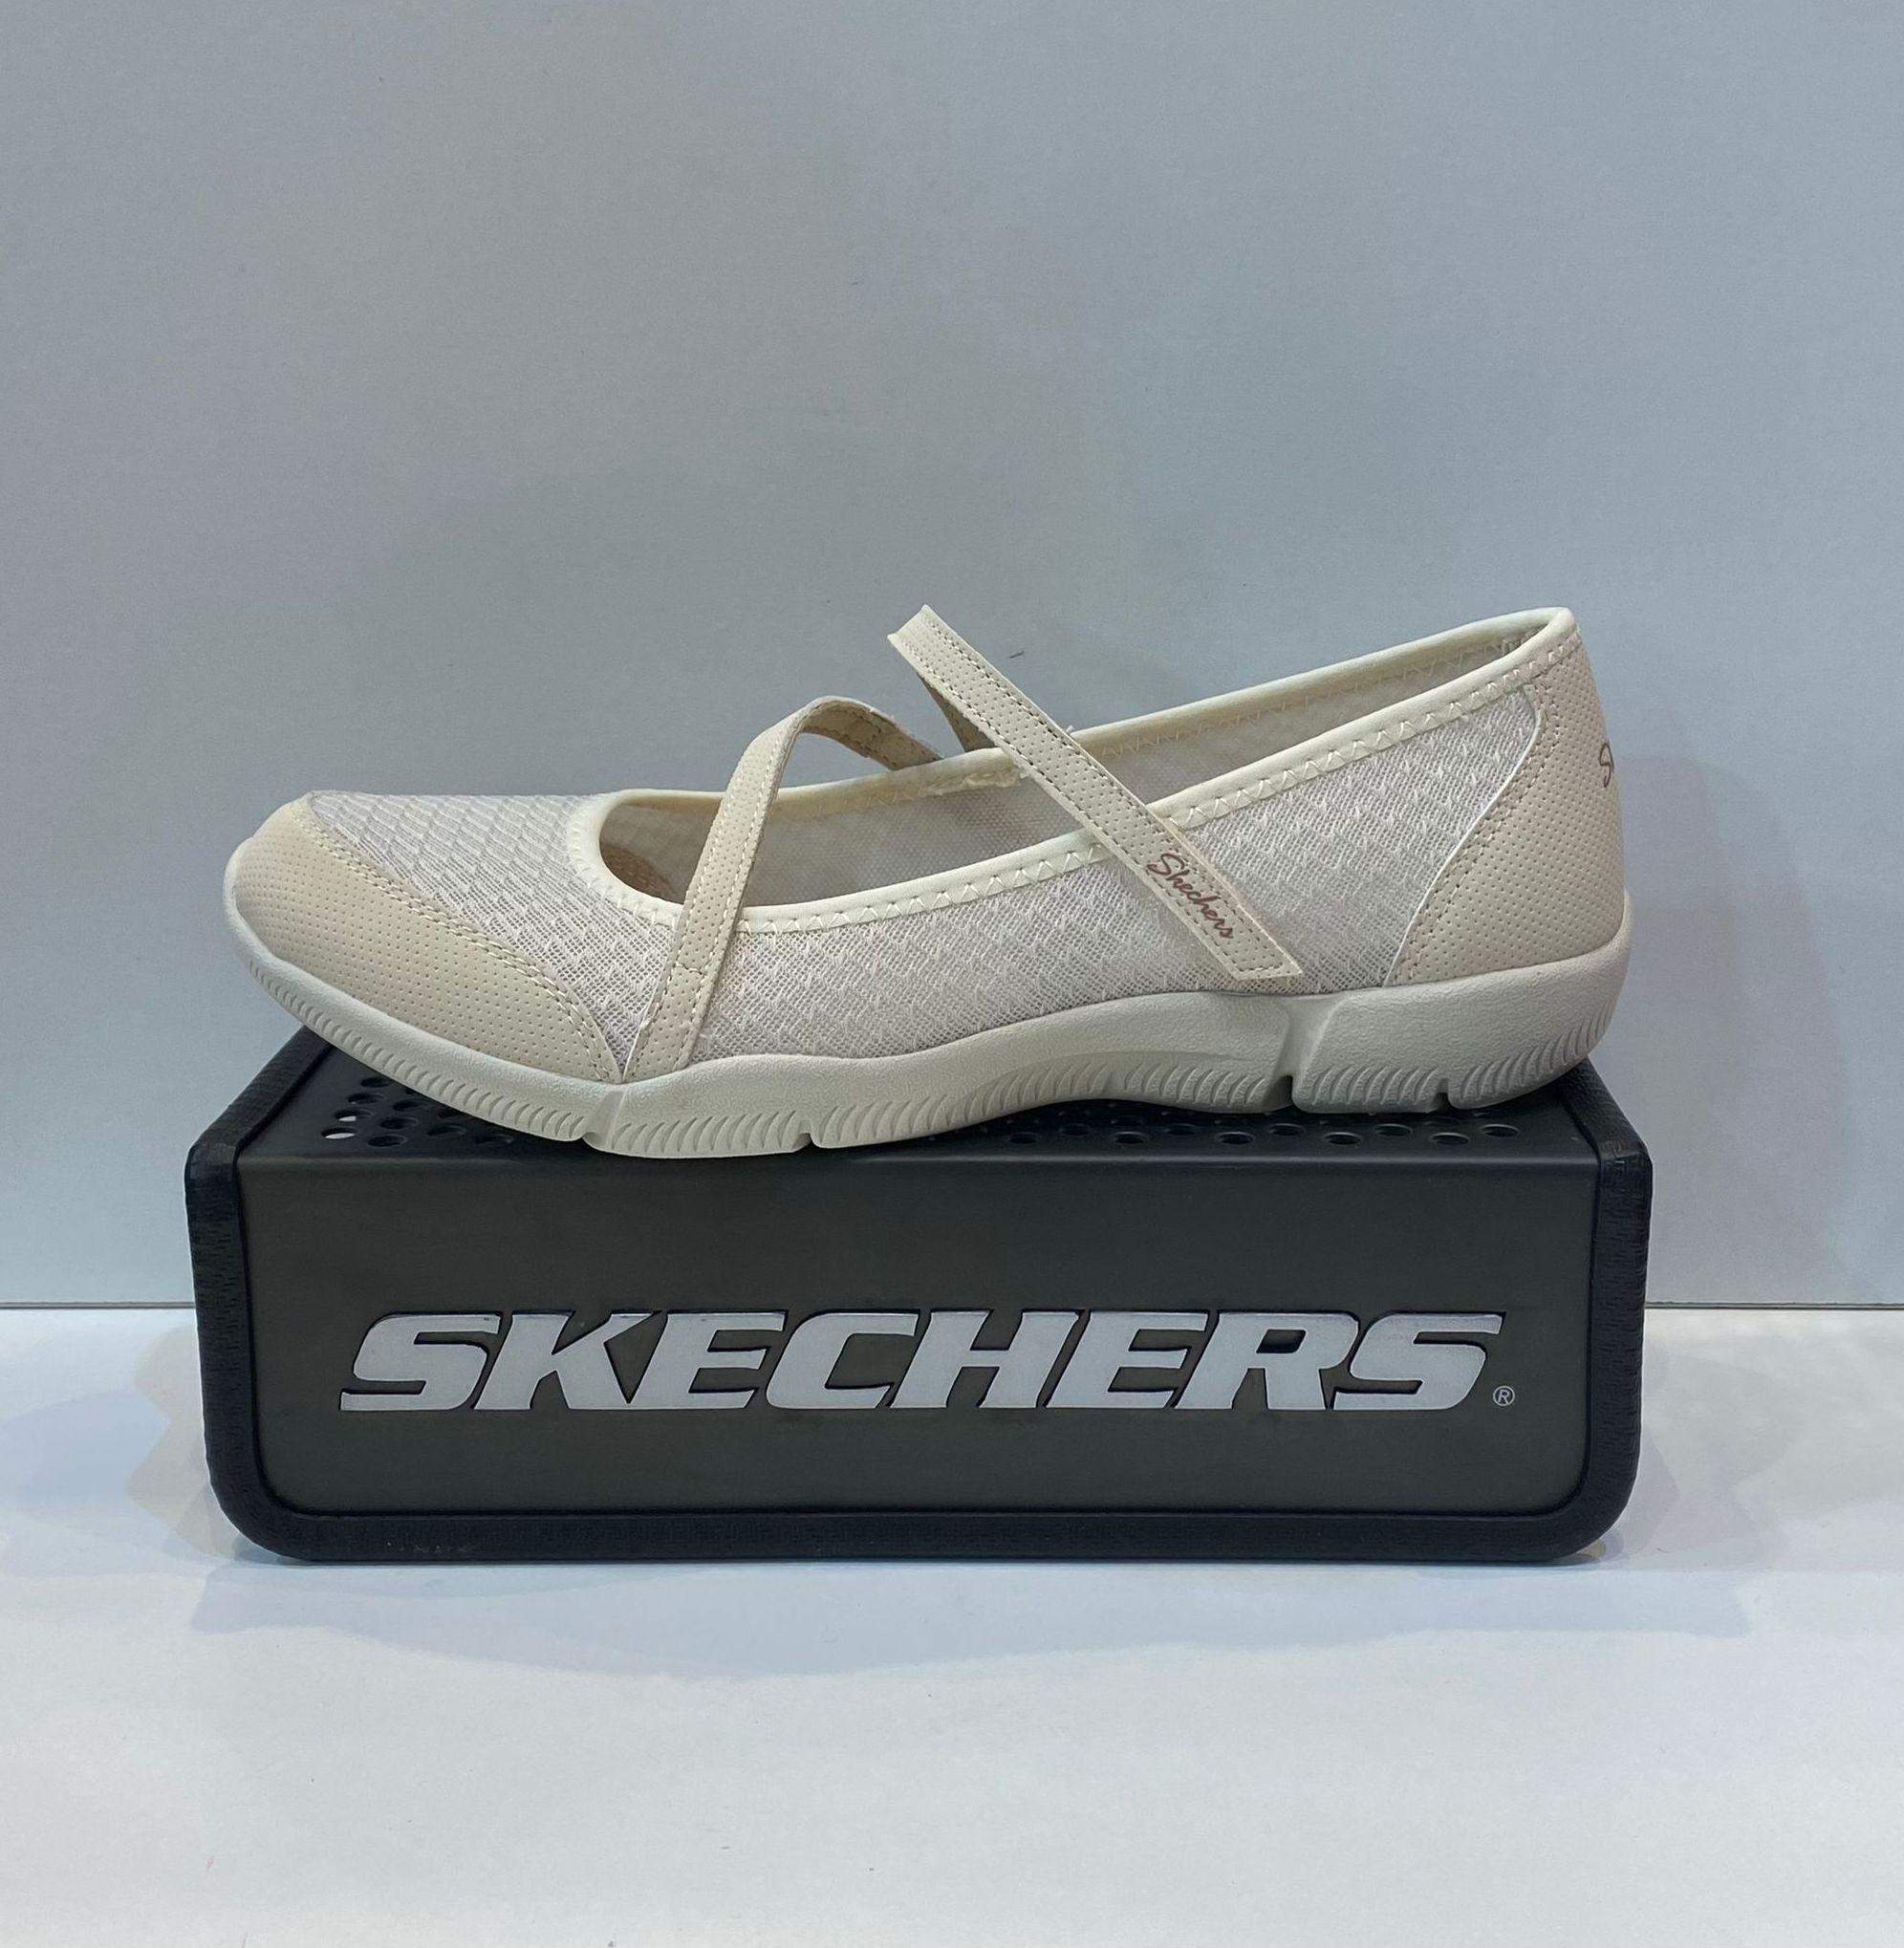 Merceditas de dona, de la marca Skechers, ample especial, plantilla extraible Air-Cooled Memory Foam, adaptable a plantilles ortopèdiques, sola de goma antilliscant 59.95€